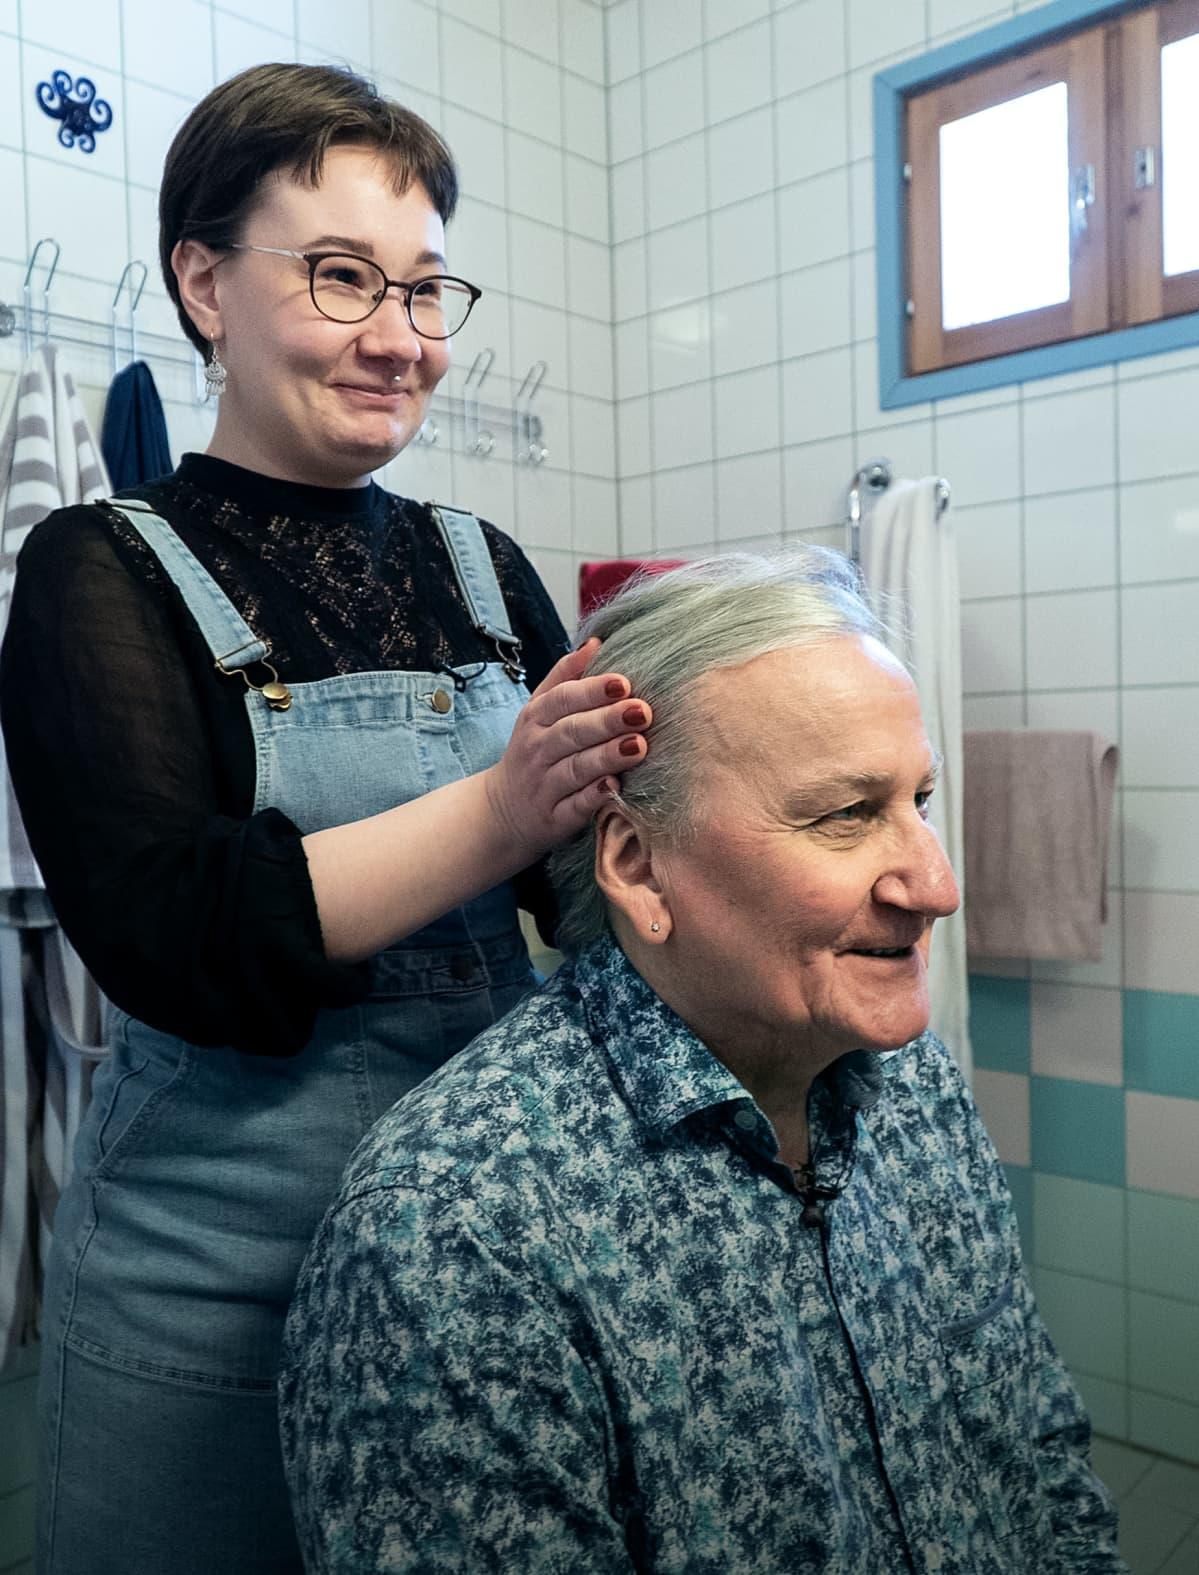 tytär laittaa isänsä hiuksia